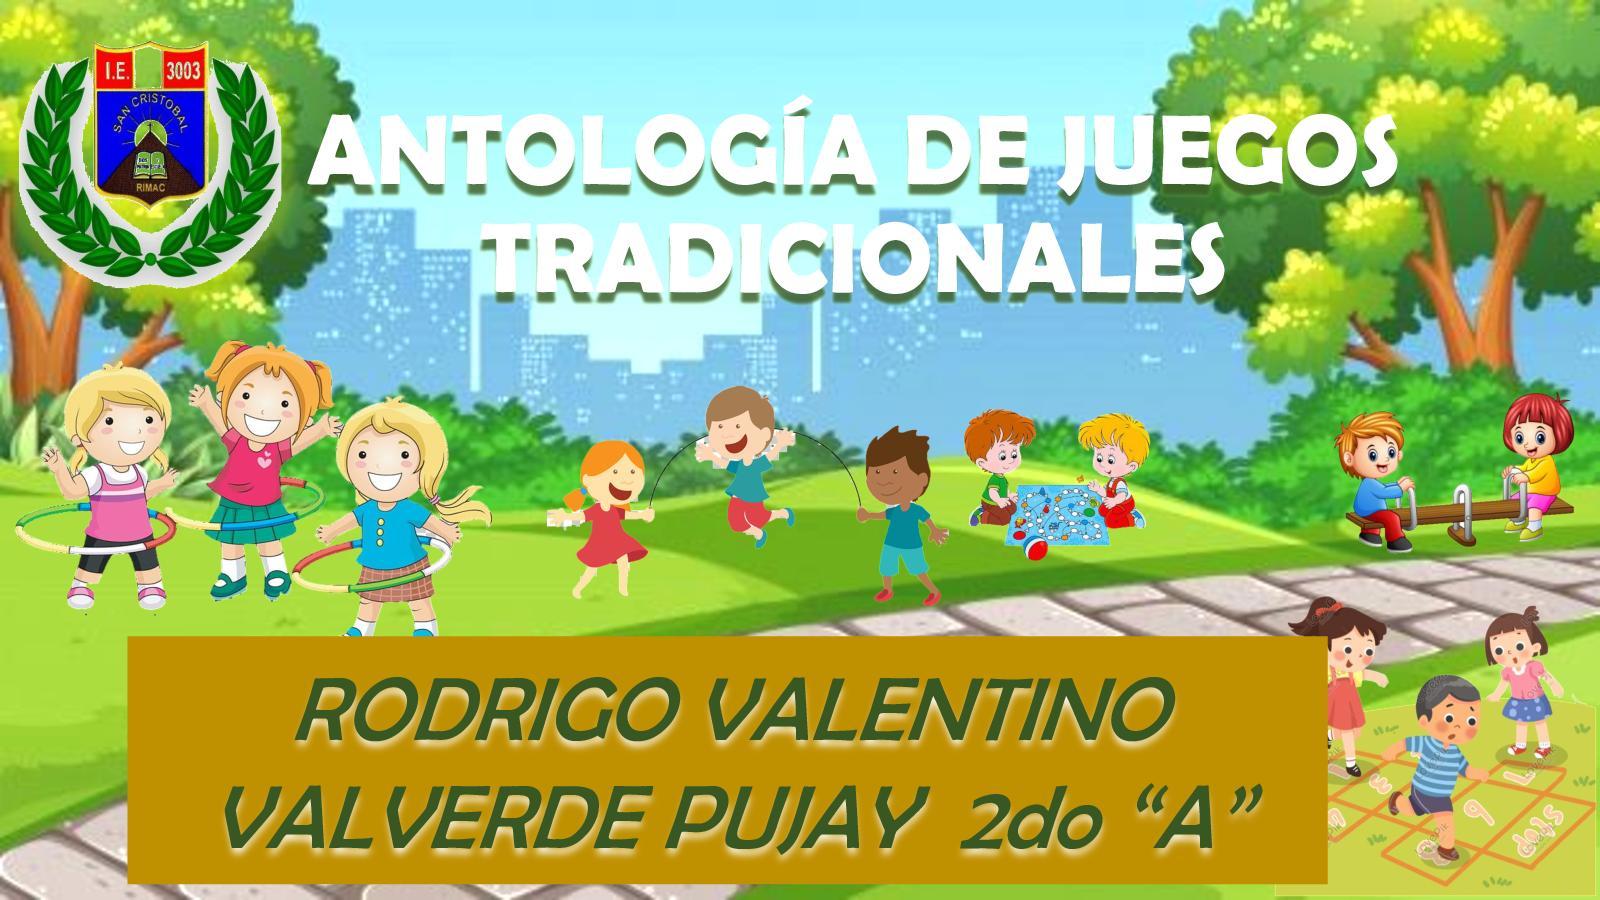 ANTOLOGÍA DE JUEGOS TRADICIONALES - Rodrigo